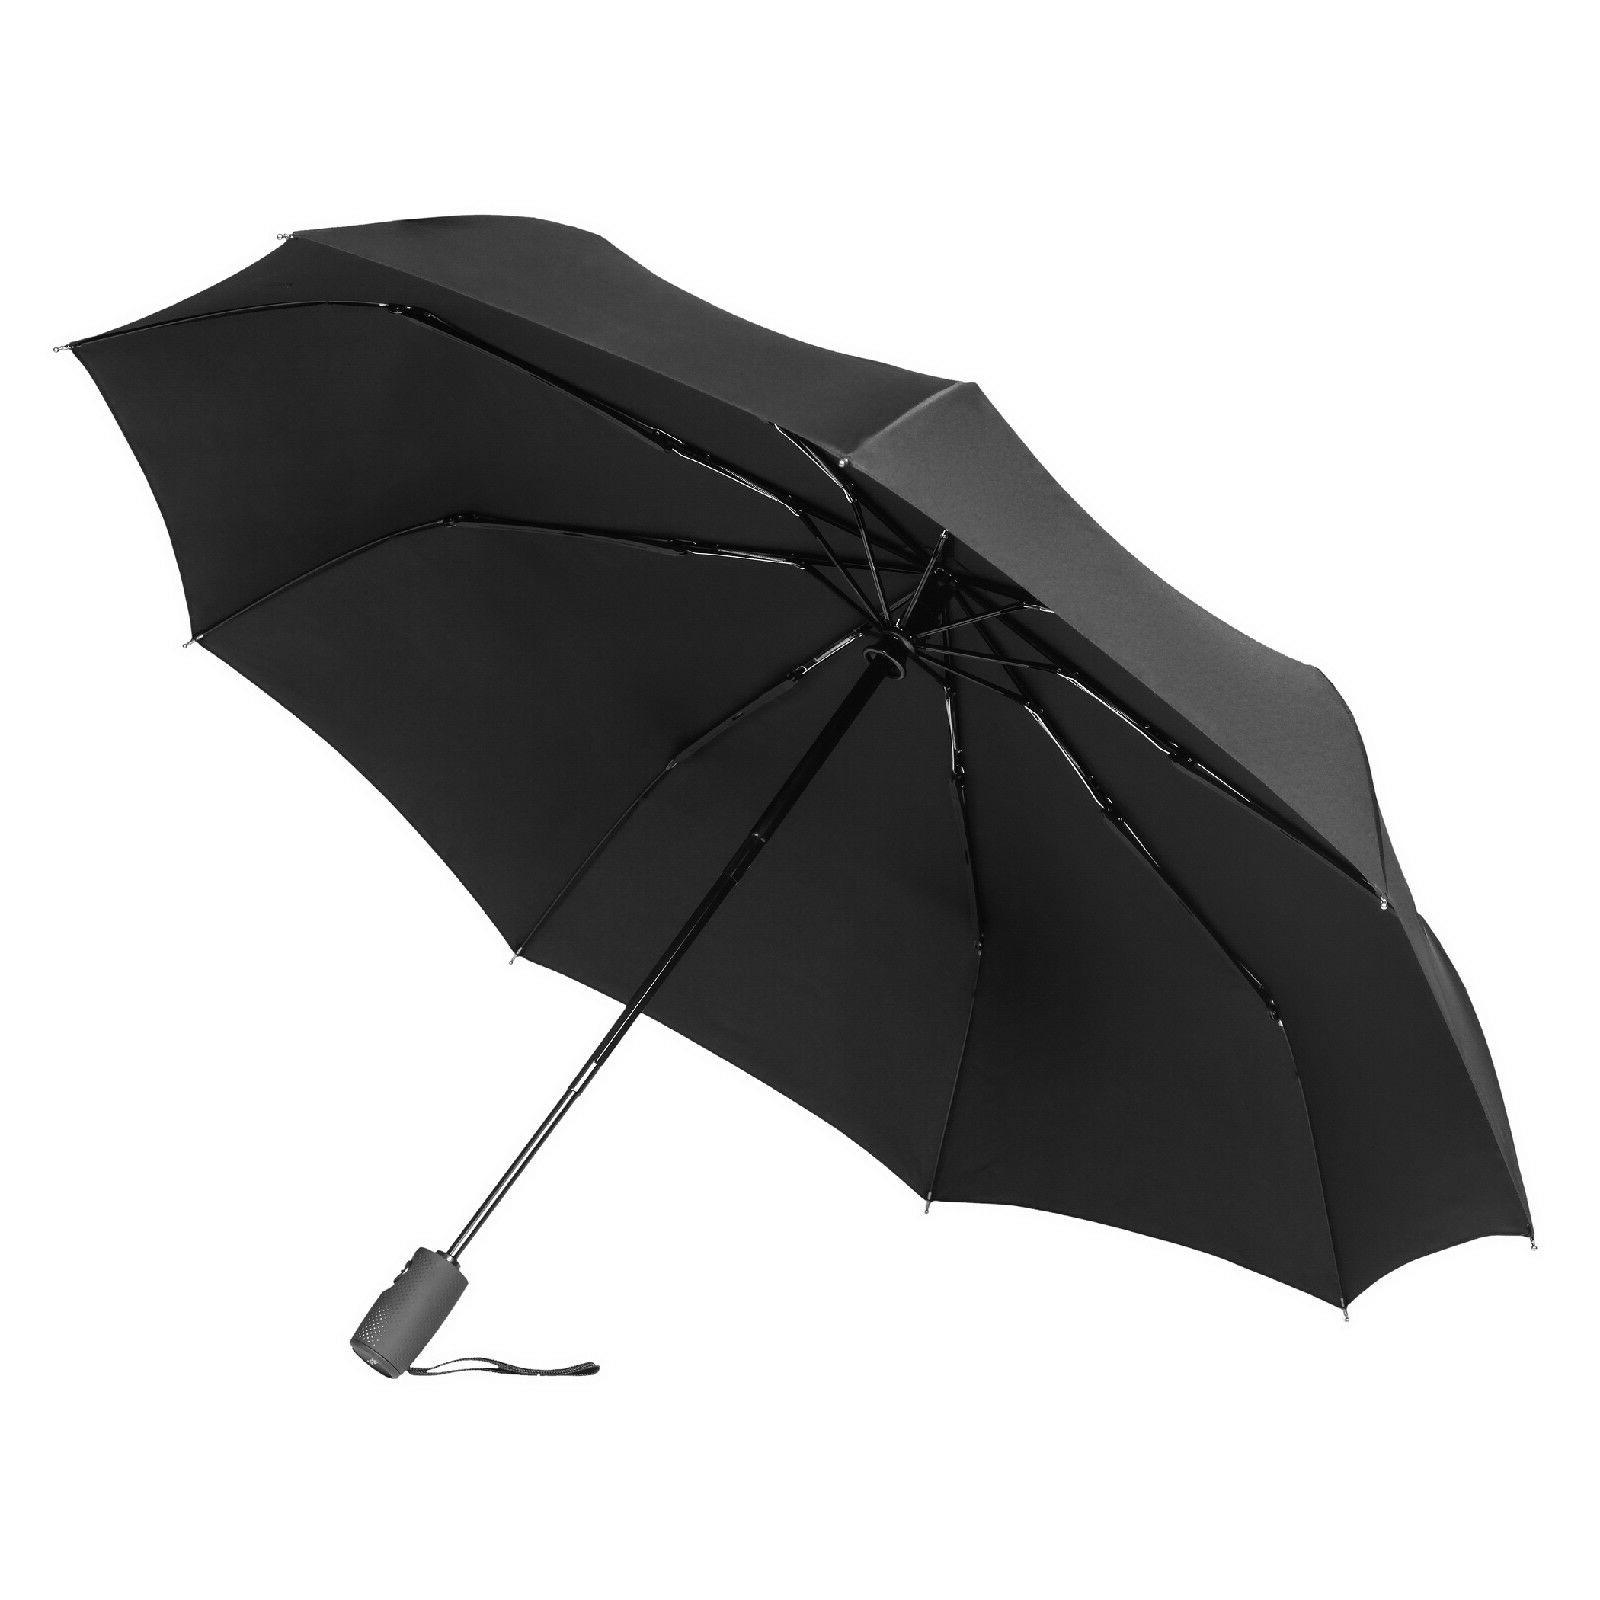 auto open close travel umbrellas strong durable